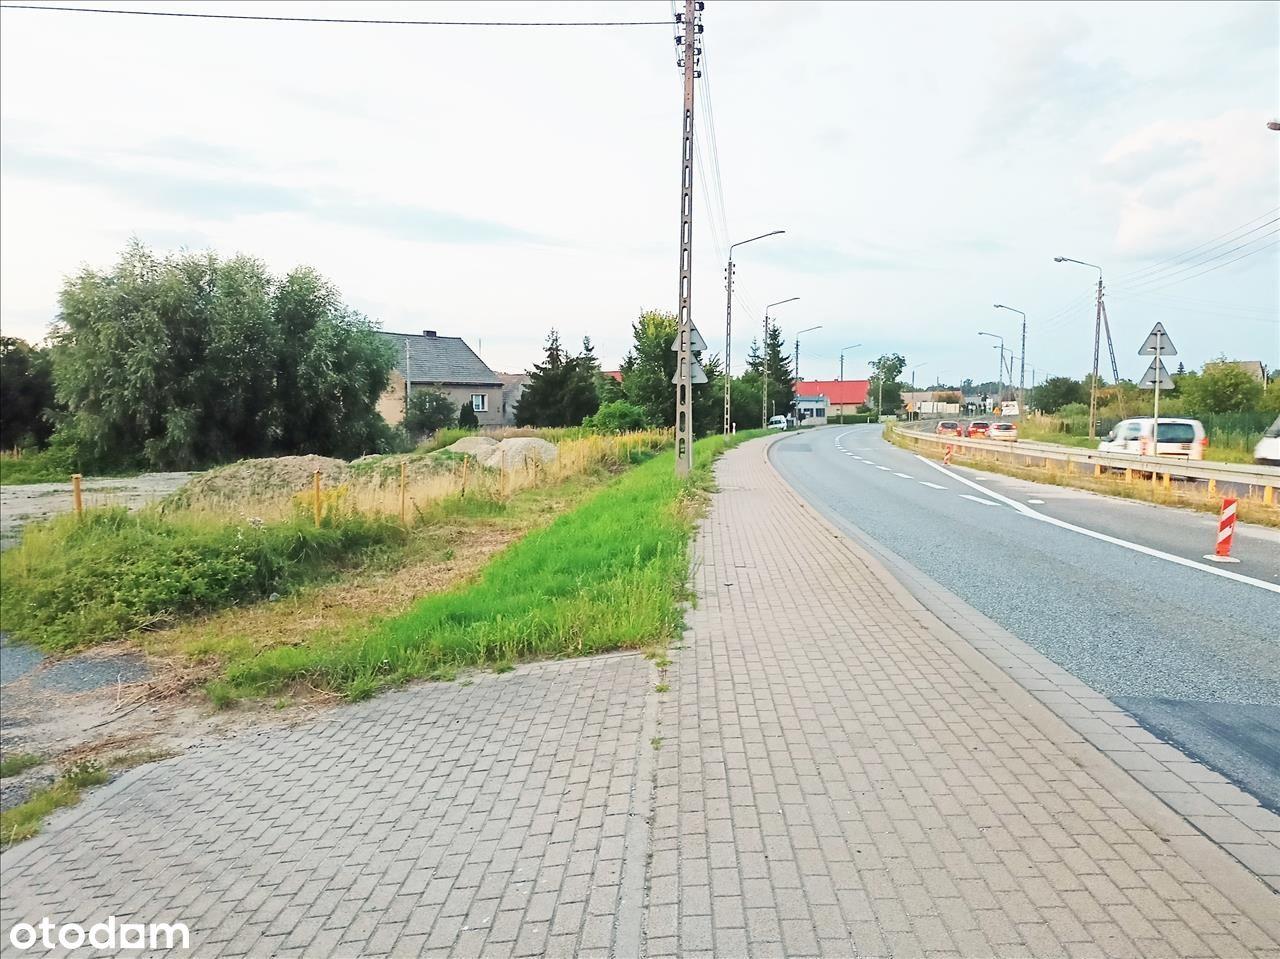 Przy głównej trasie łączącej Wrocław z Oleśnicą